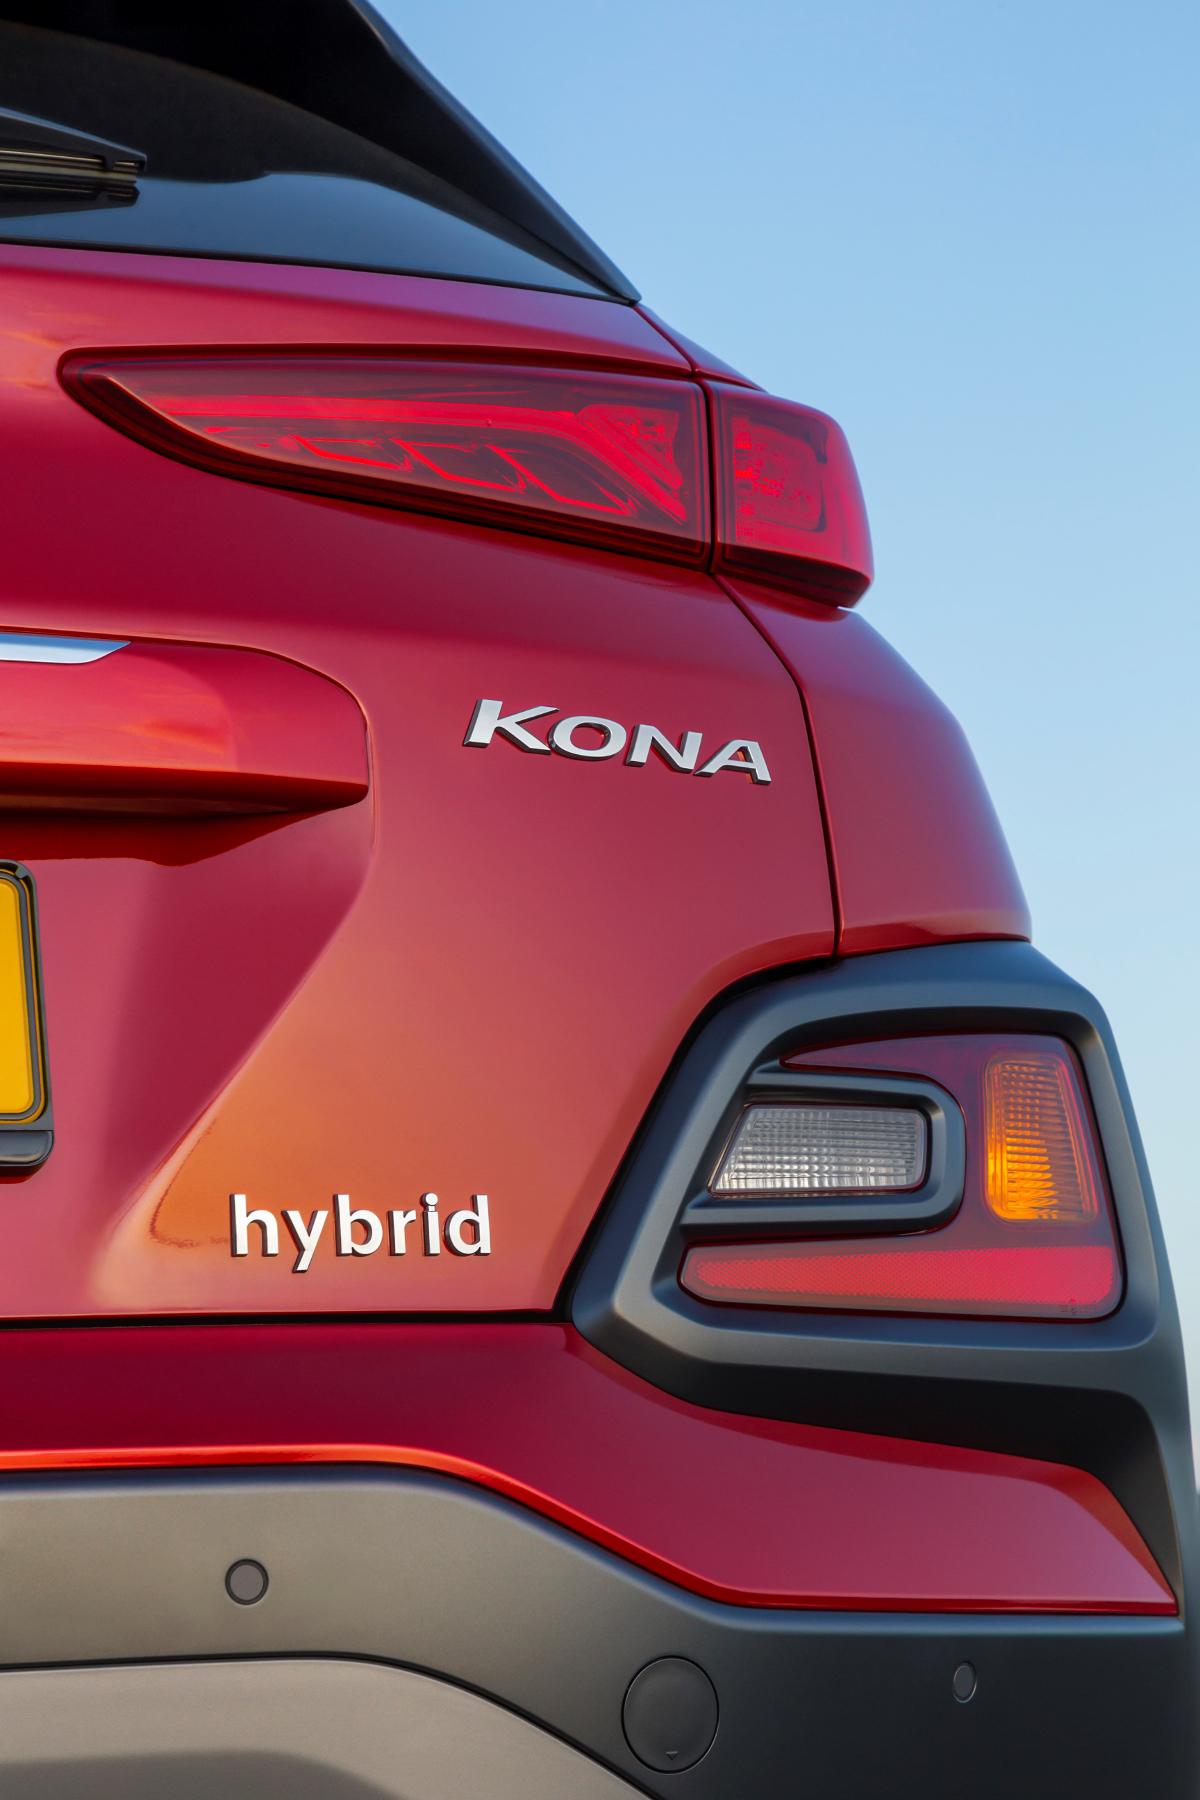 Die Hybridversion des Kona bringt es auf eine Systemleistung von 141 PS.